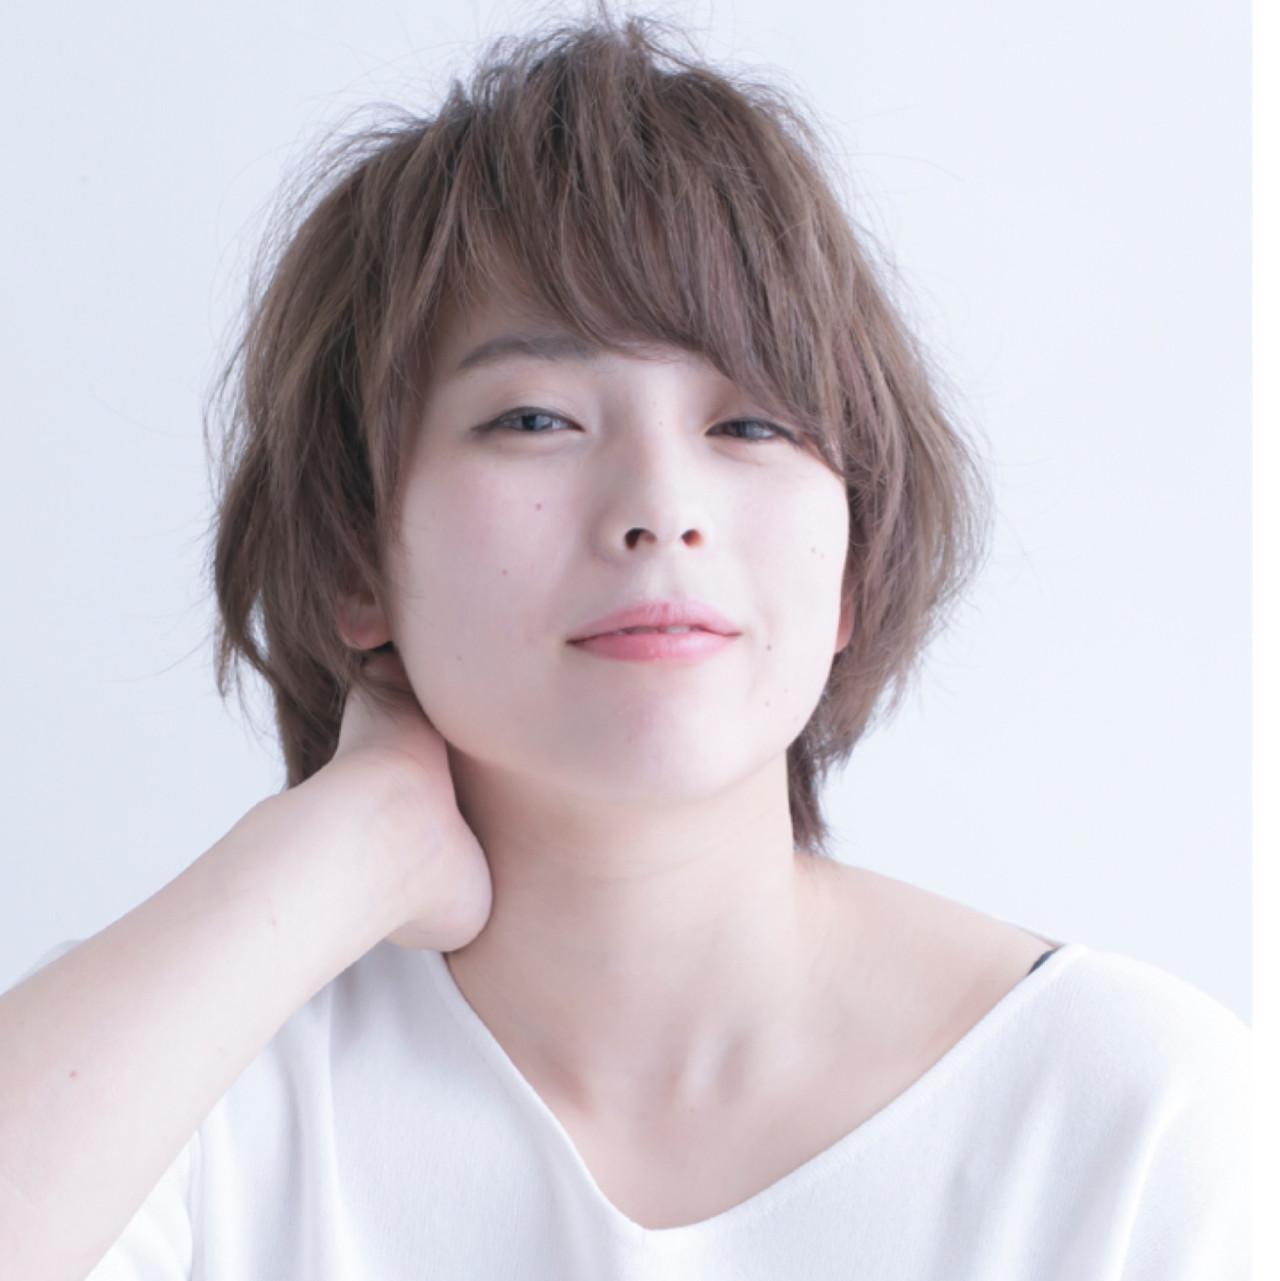 フェミニン 似合わせ ゆるふわ アッシュ ヘアスタイルや髪型の写真・画像 | 岡崎 昭太郎 / エクストラアーツジャパン